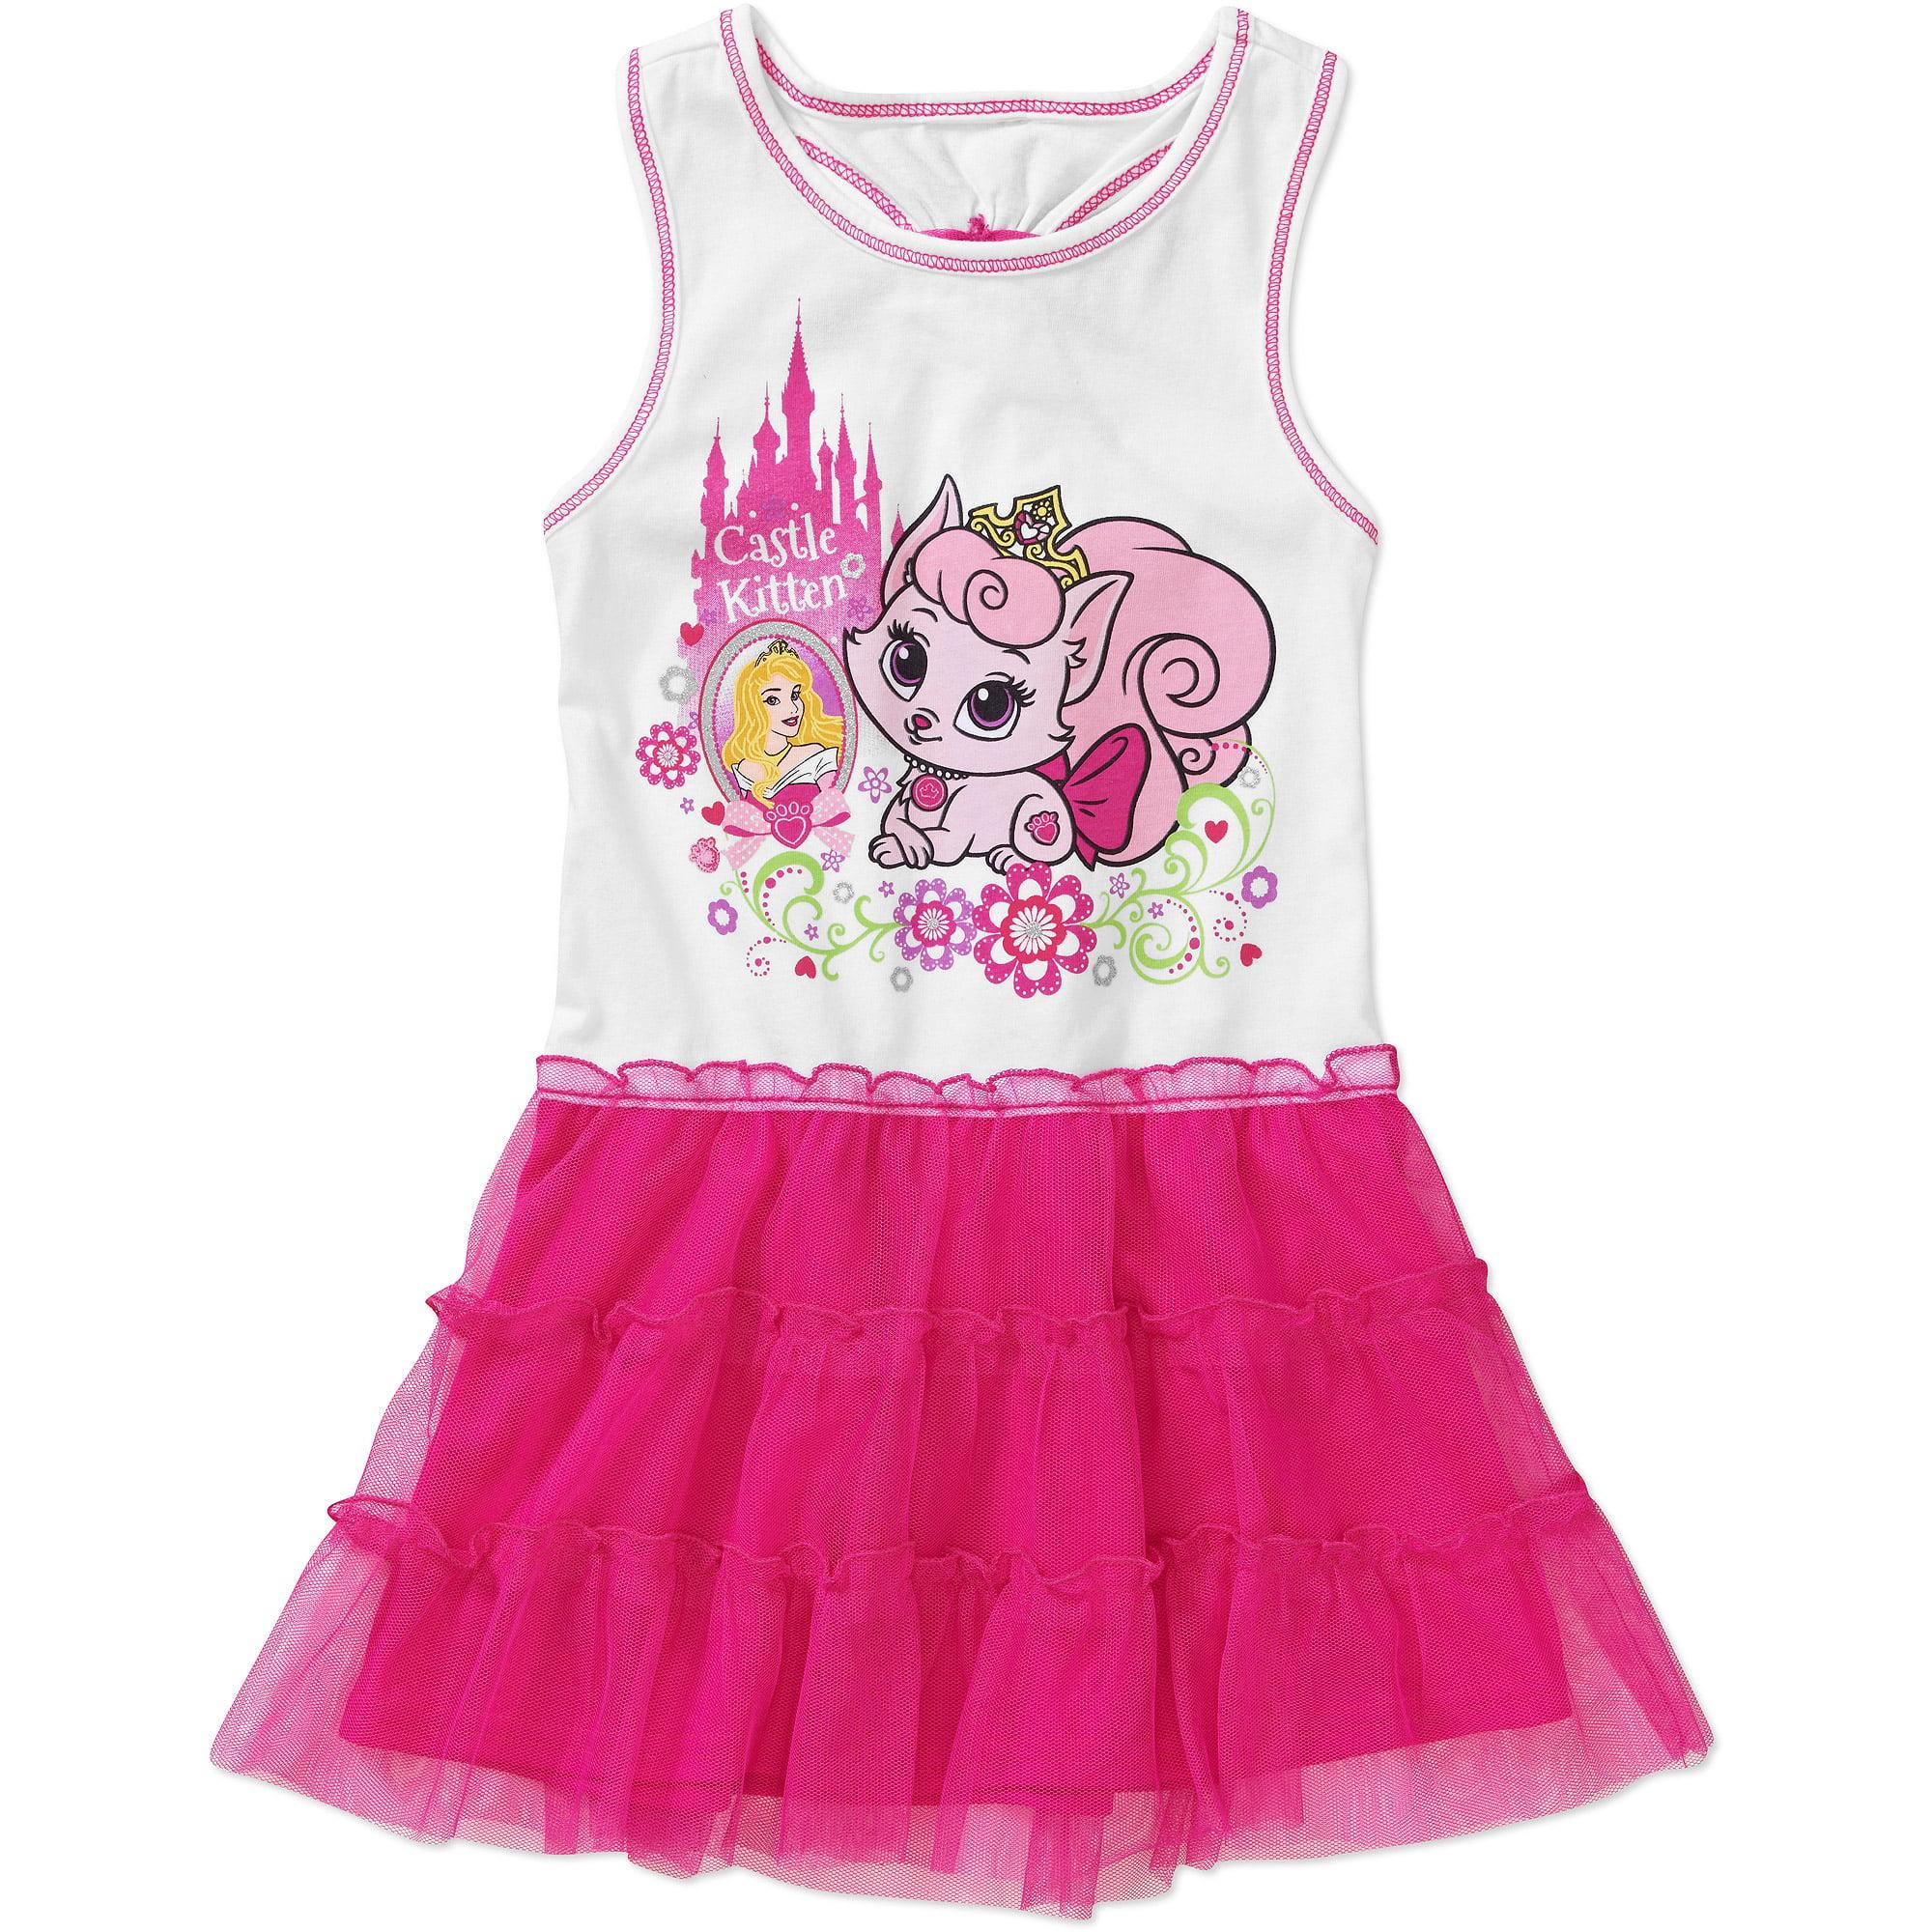 Disney - Disney Palace Pets Toddler Girl Dress